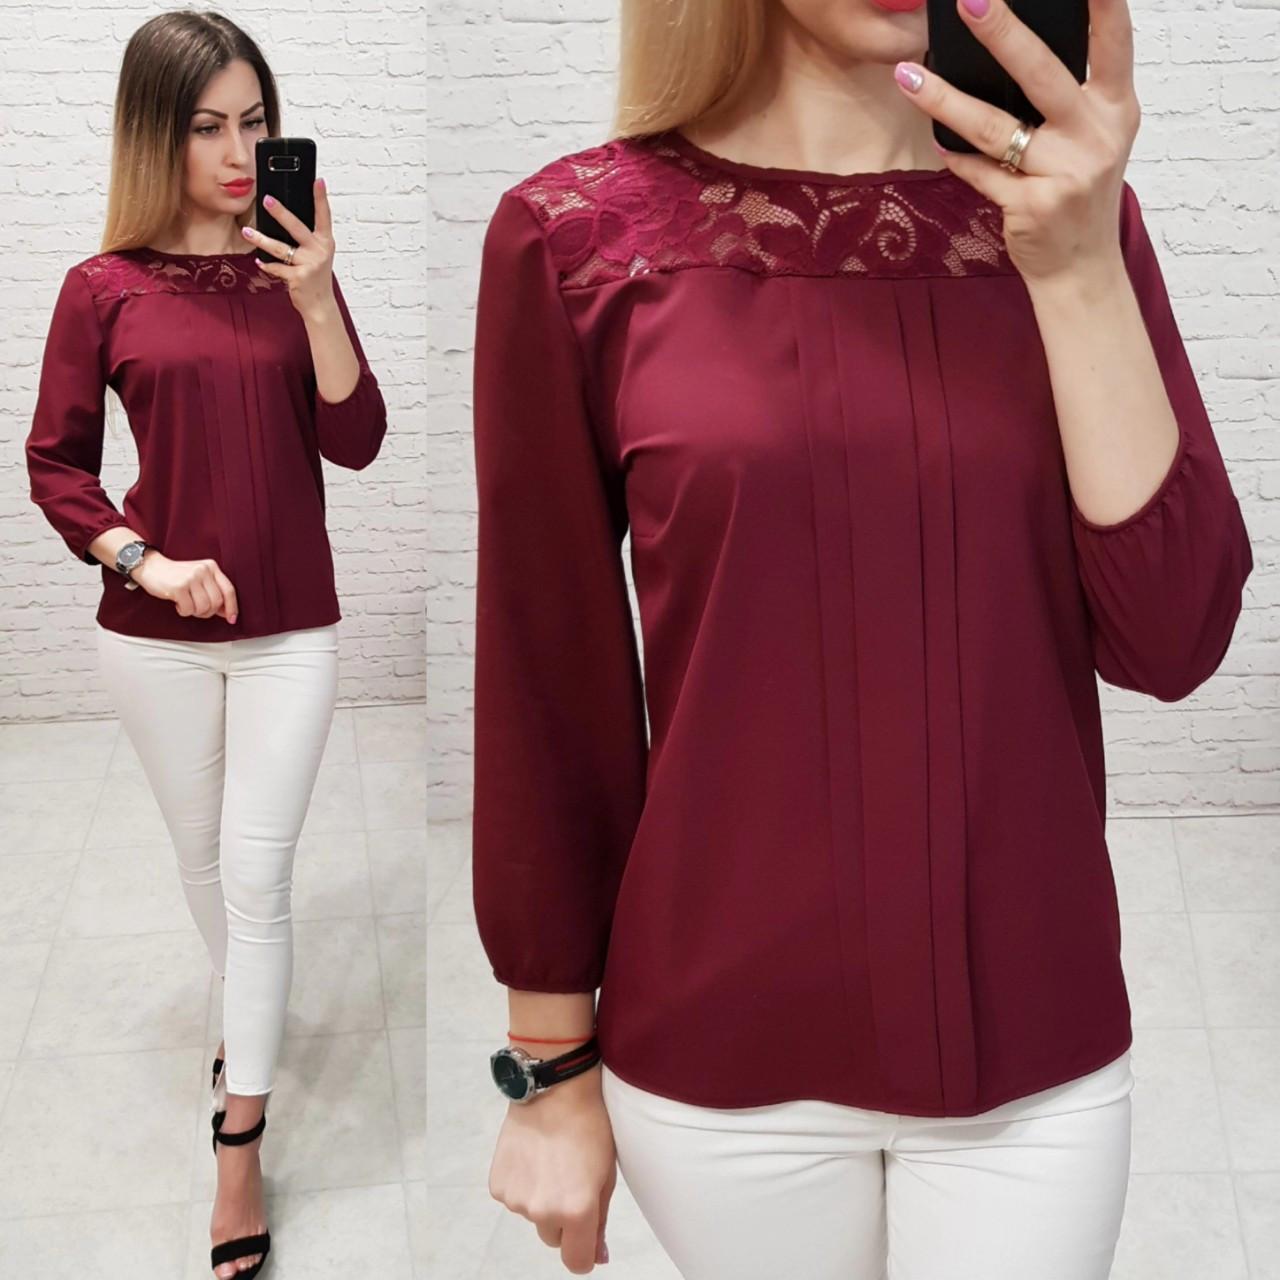 Блуза с кружевом арт. 793 бордо / марсала / вишневый